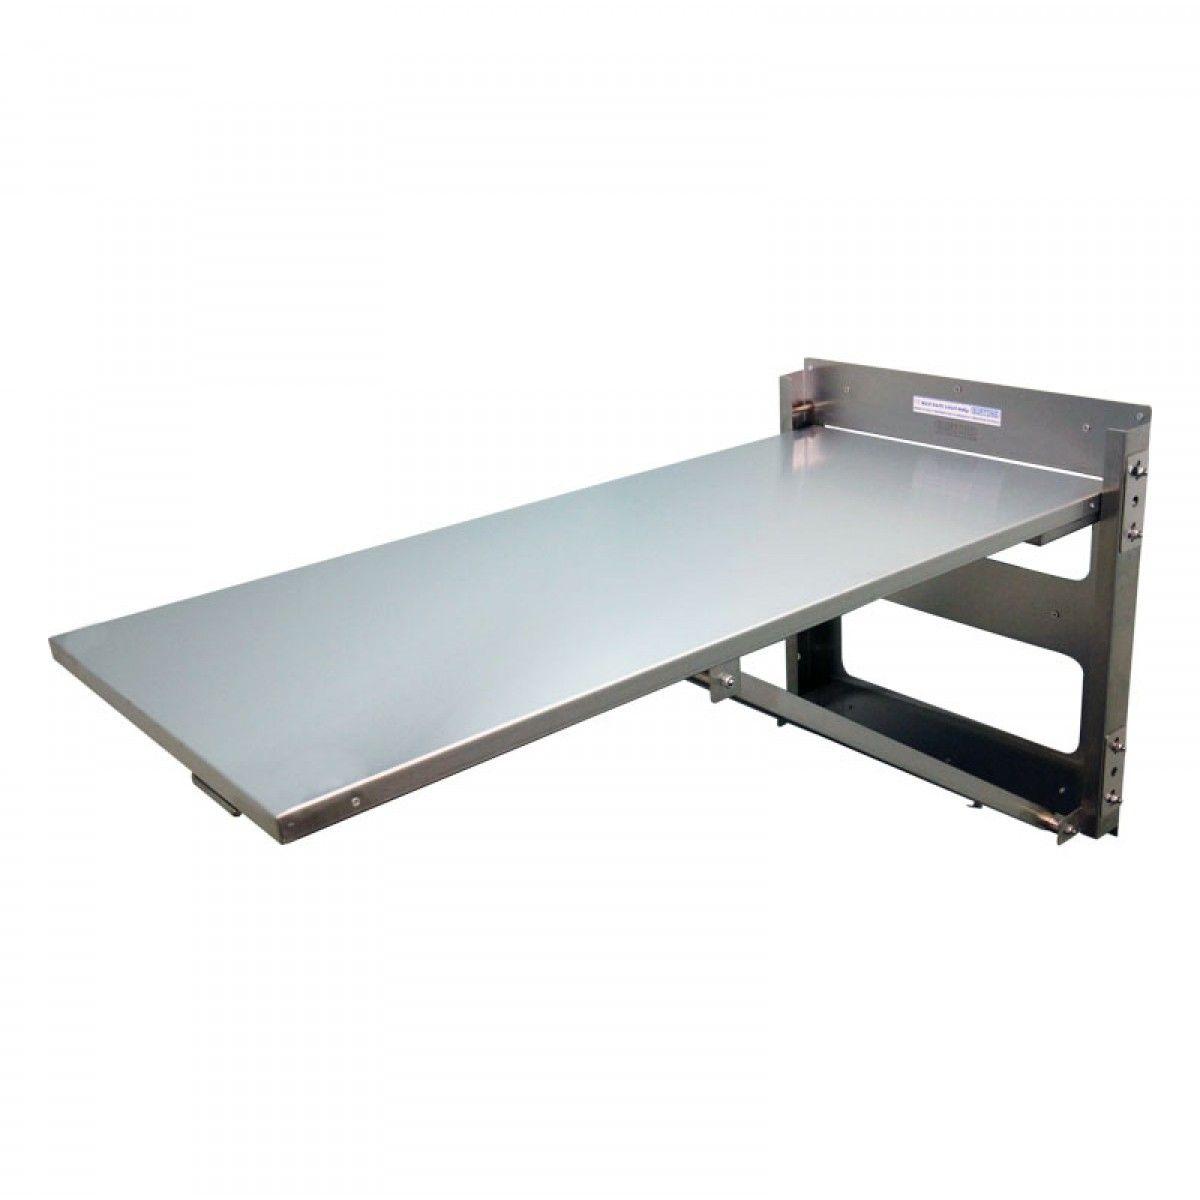 wall mounted folding desk | Balkonoplossing | Pinterest